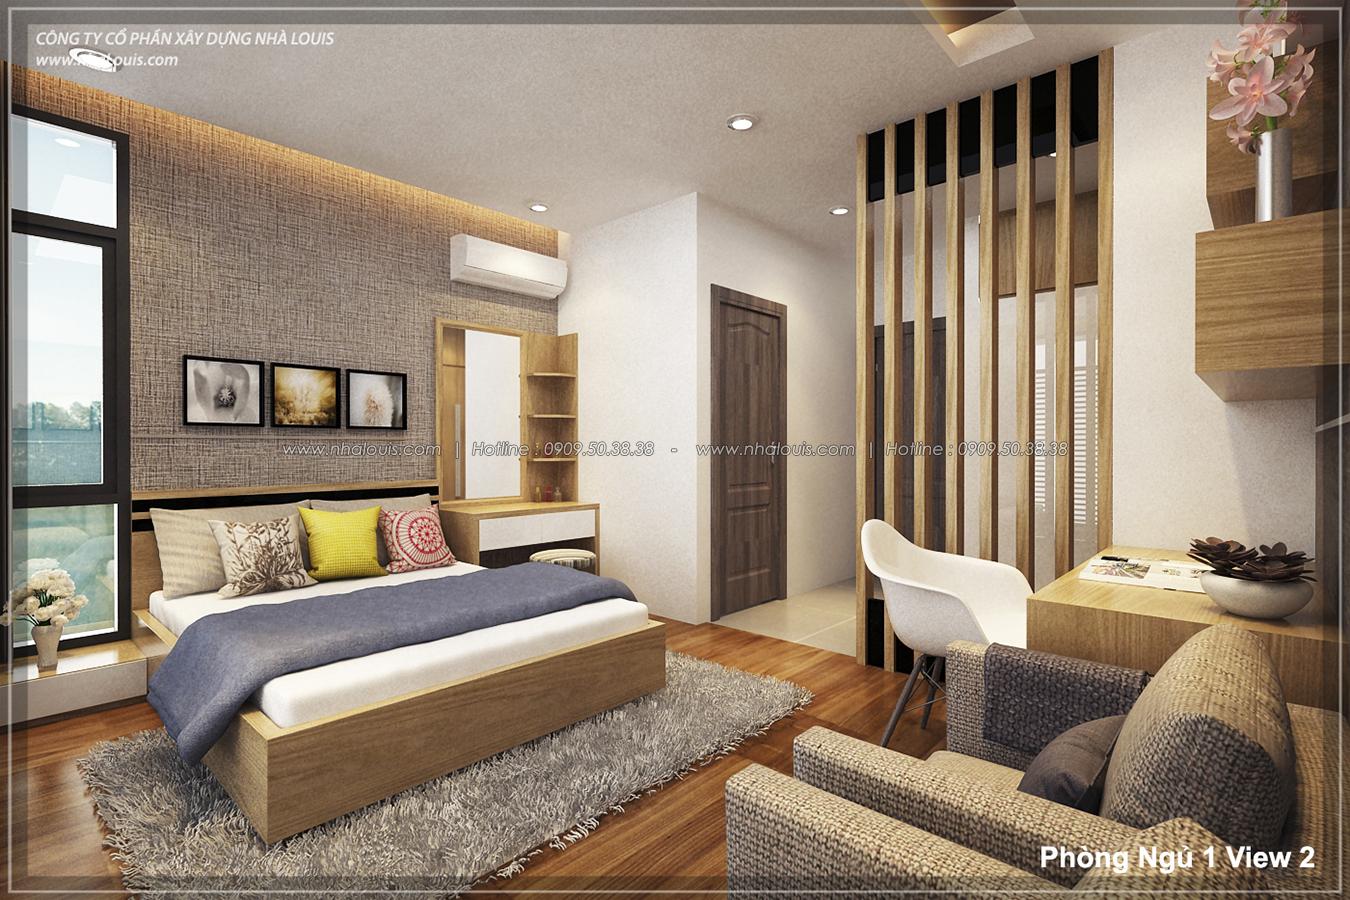 Thiết kế nhà lệch tầng hiện đại mặt tiền 4.5m x 14.5m tại quận Tân Bình - 13